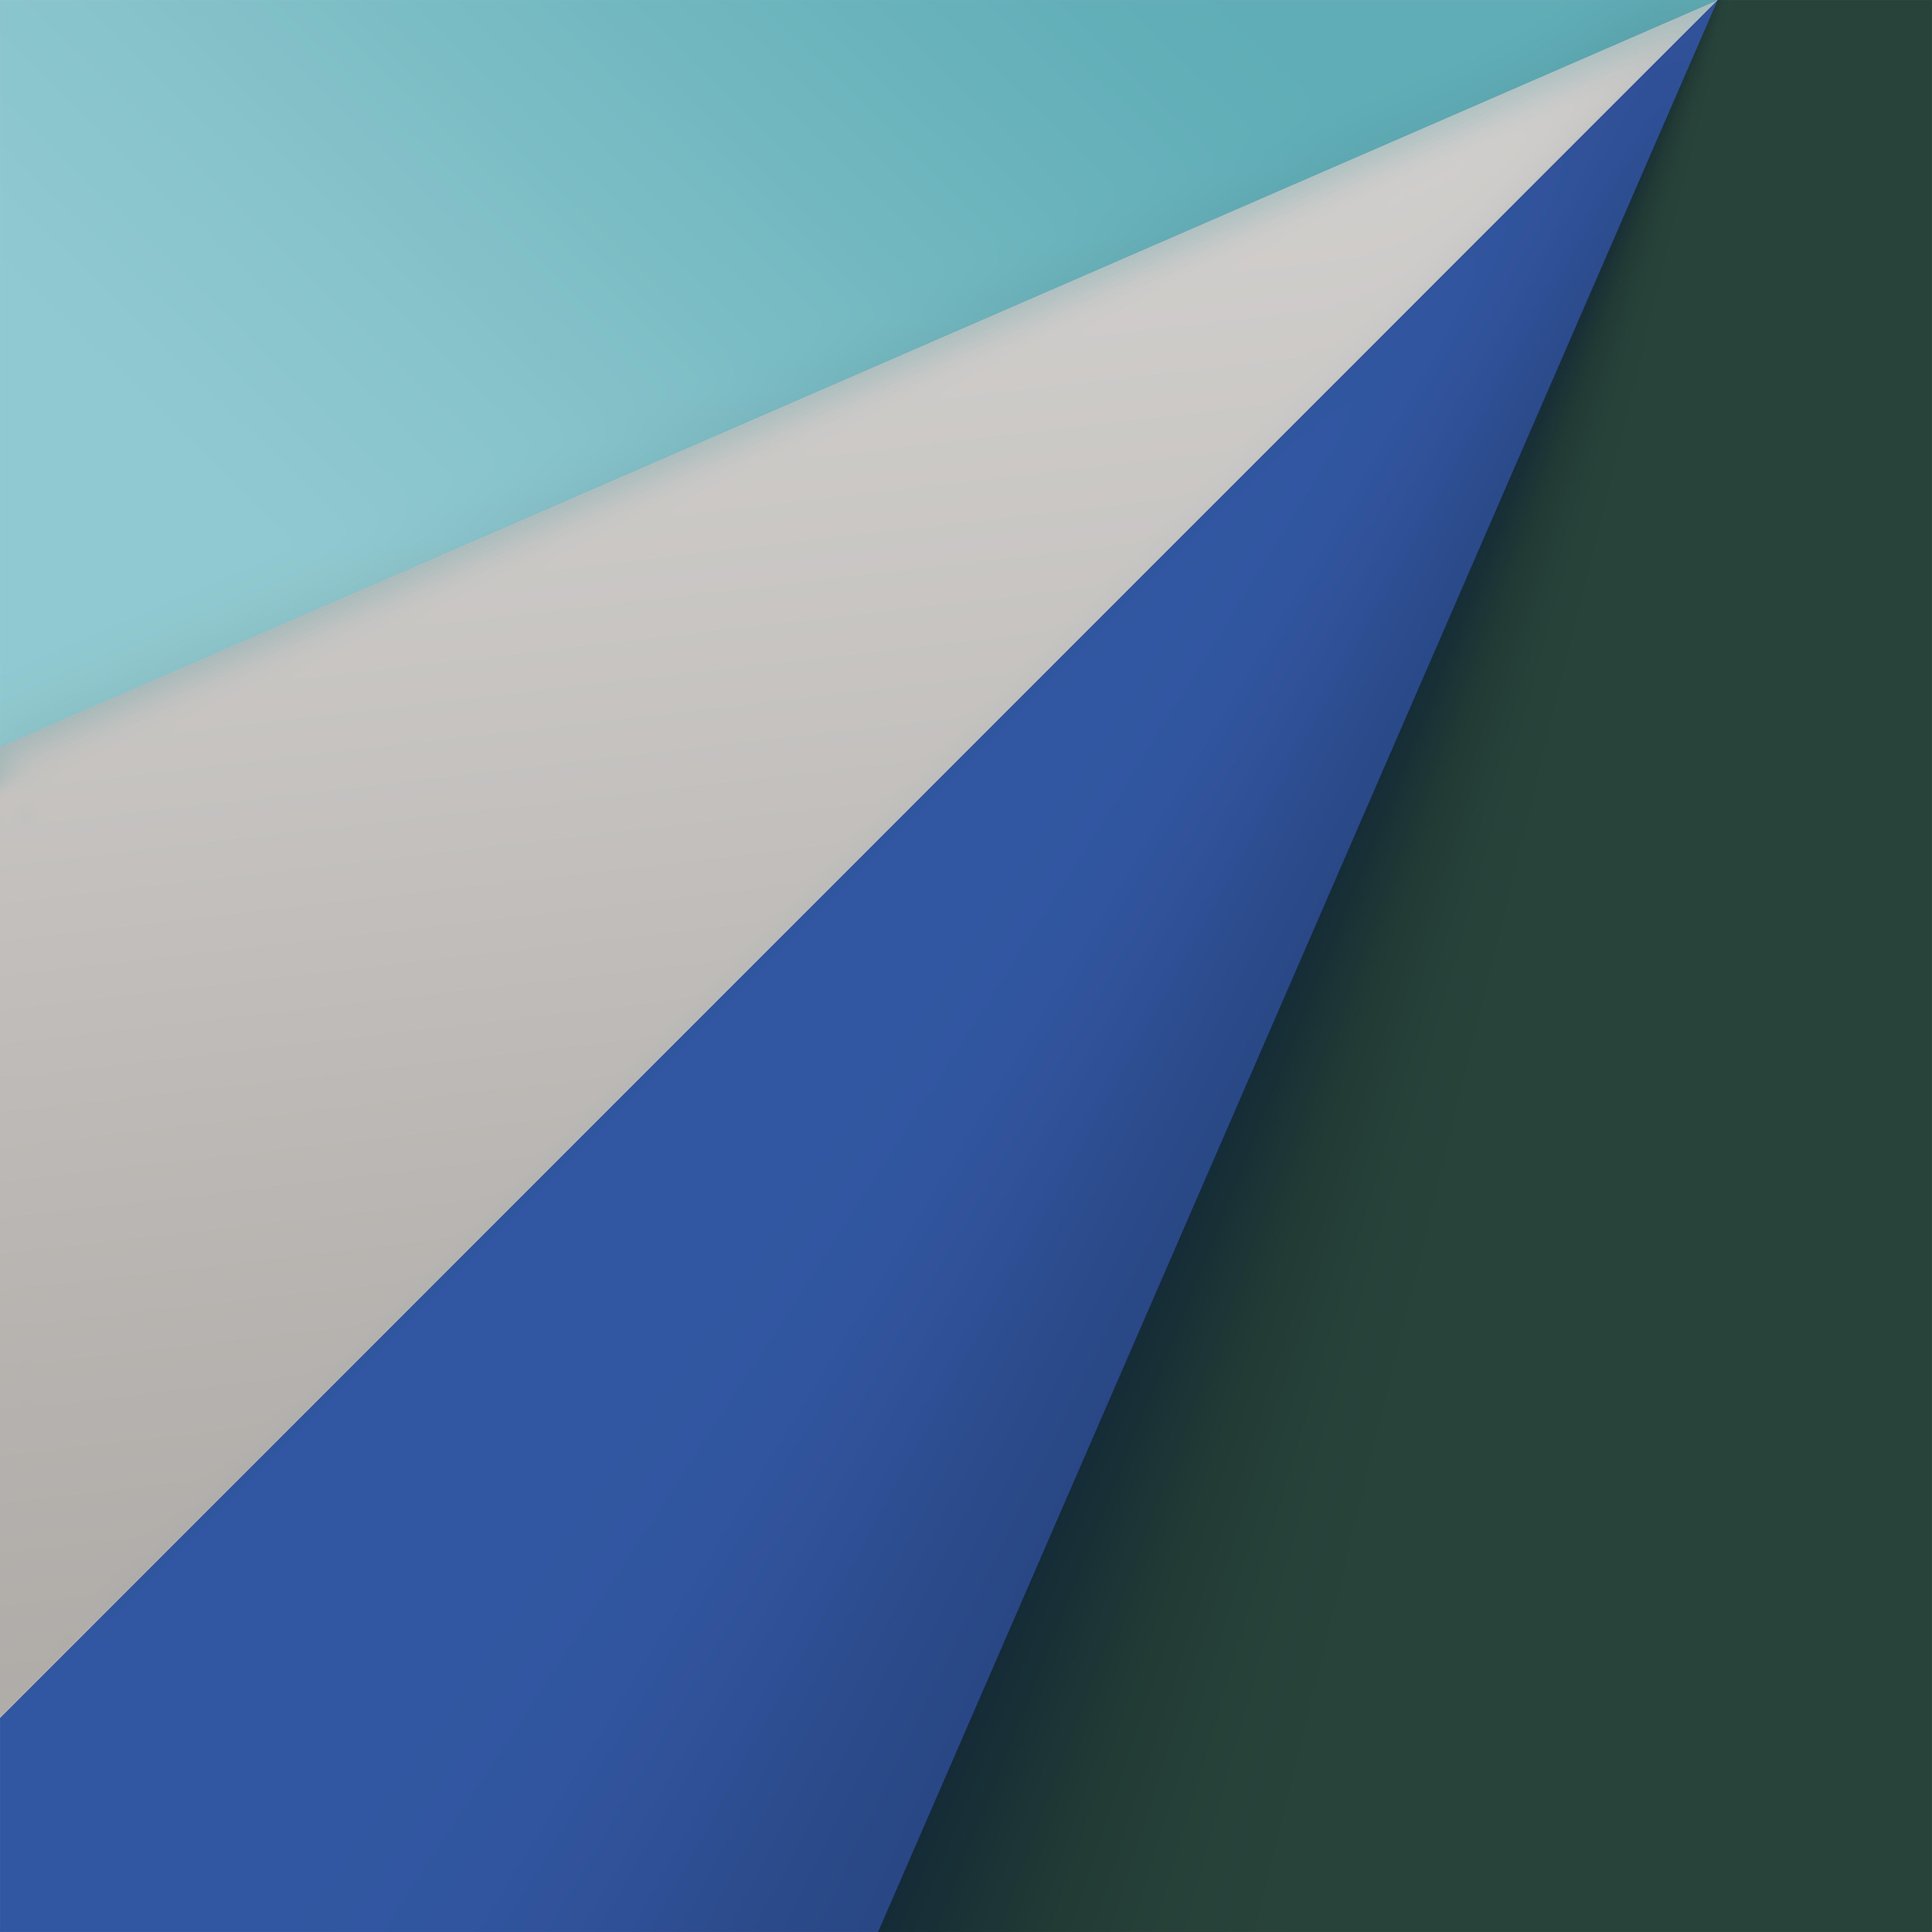 Download Macos Big Sur And New Safari Splash Screen Wallpapers 9to5mac